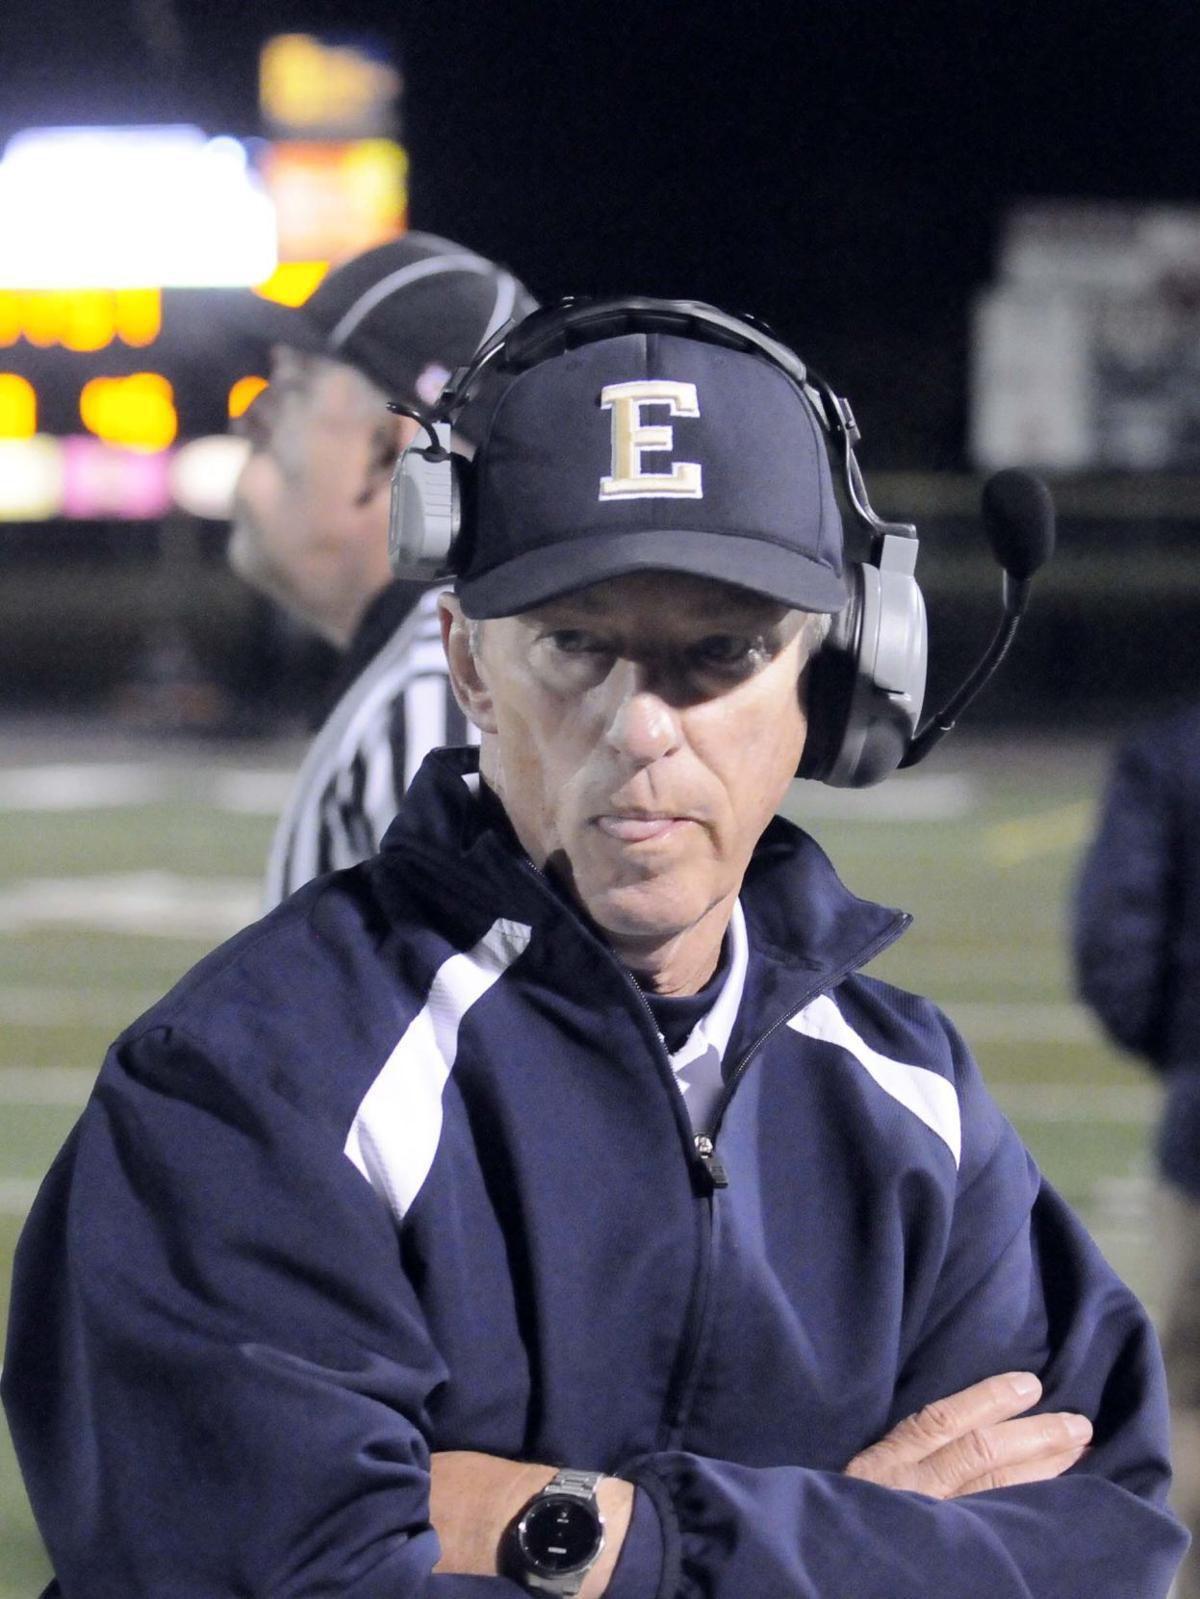 End of an era: Veteran football coach Mark Brown retires as E'town's coach